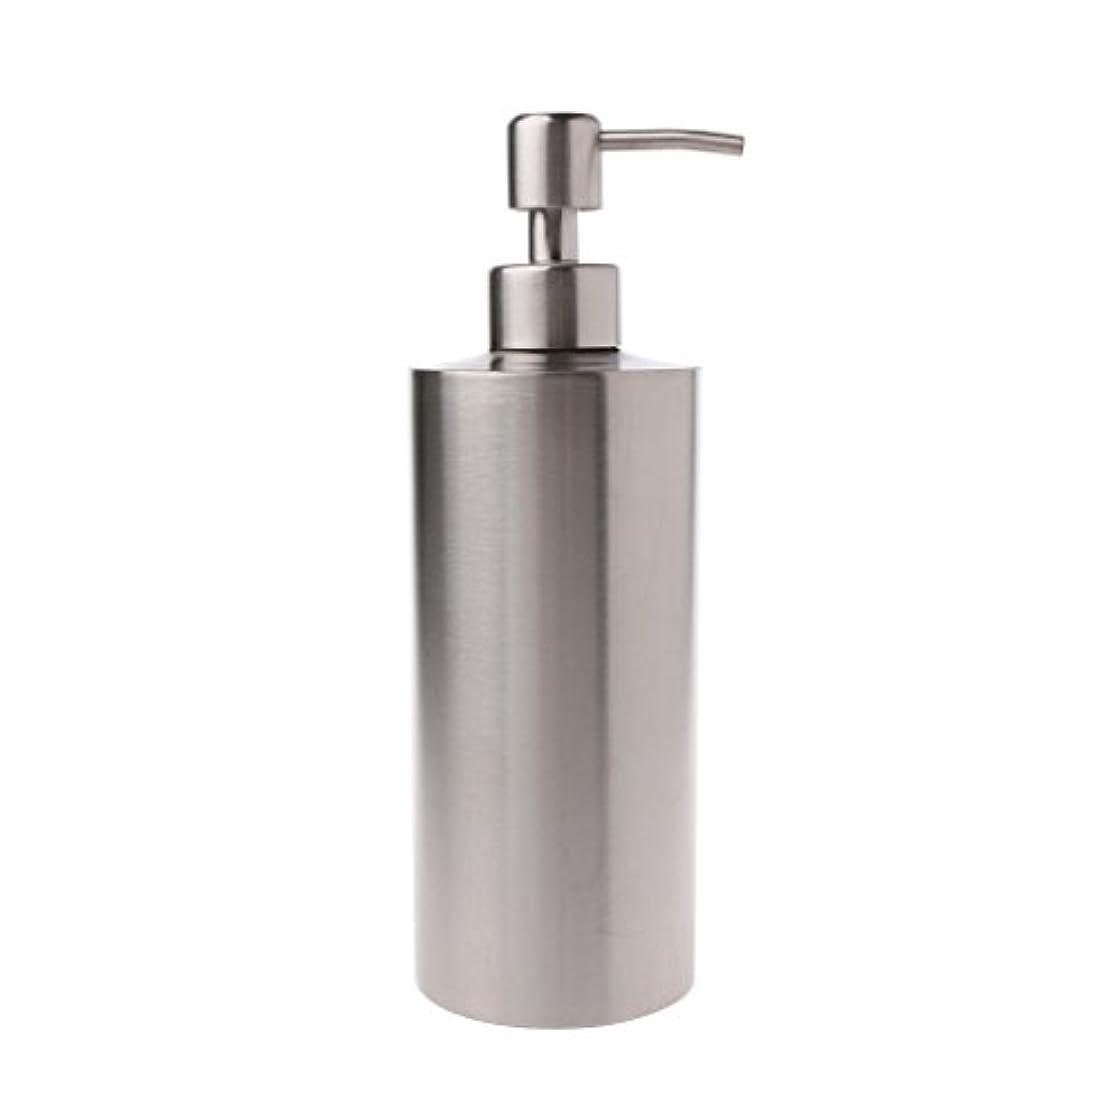 キャリア隣接憧れLamdoo 304ステンレス鋼ポンプ液体石鹸ローションディスペンサーボトルキッチンバスルーム